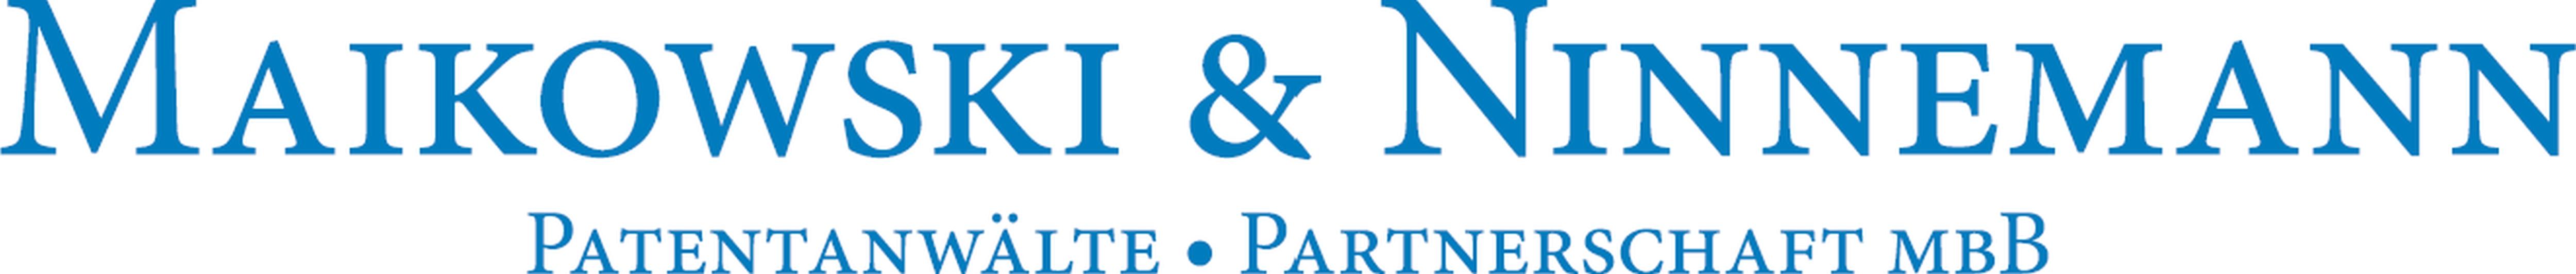 Maikowski & Ninnemann Patentanwälte Partnerschaft mbB